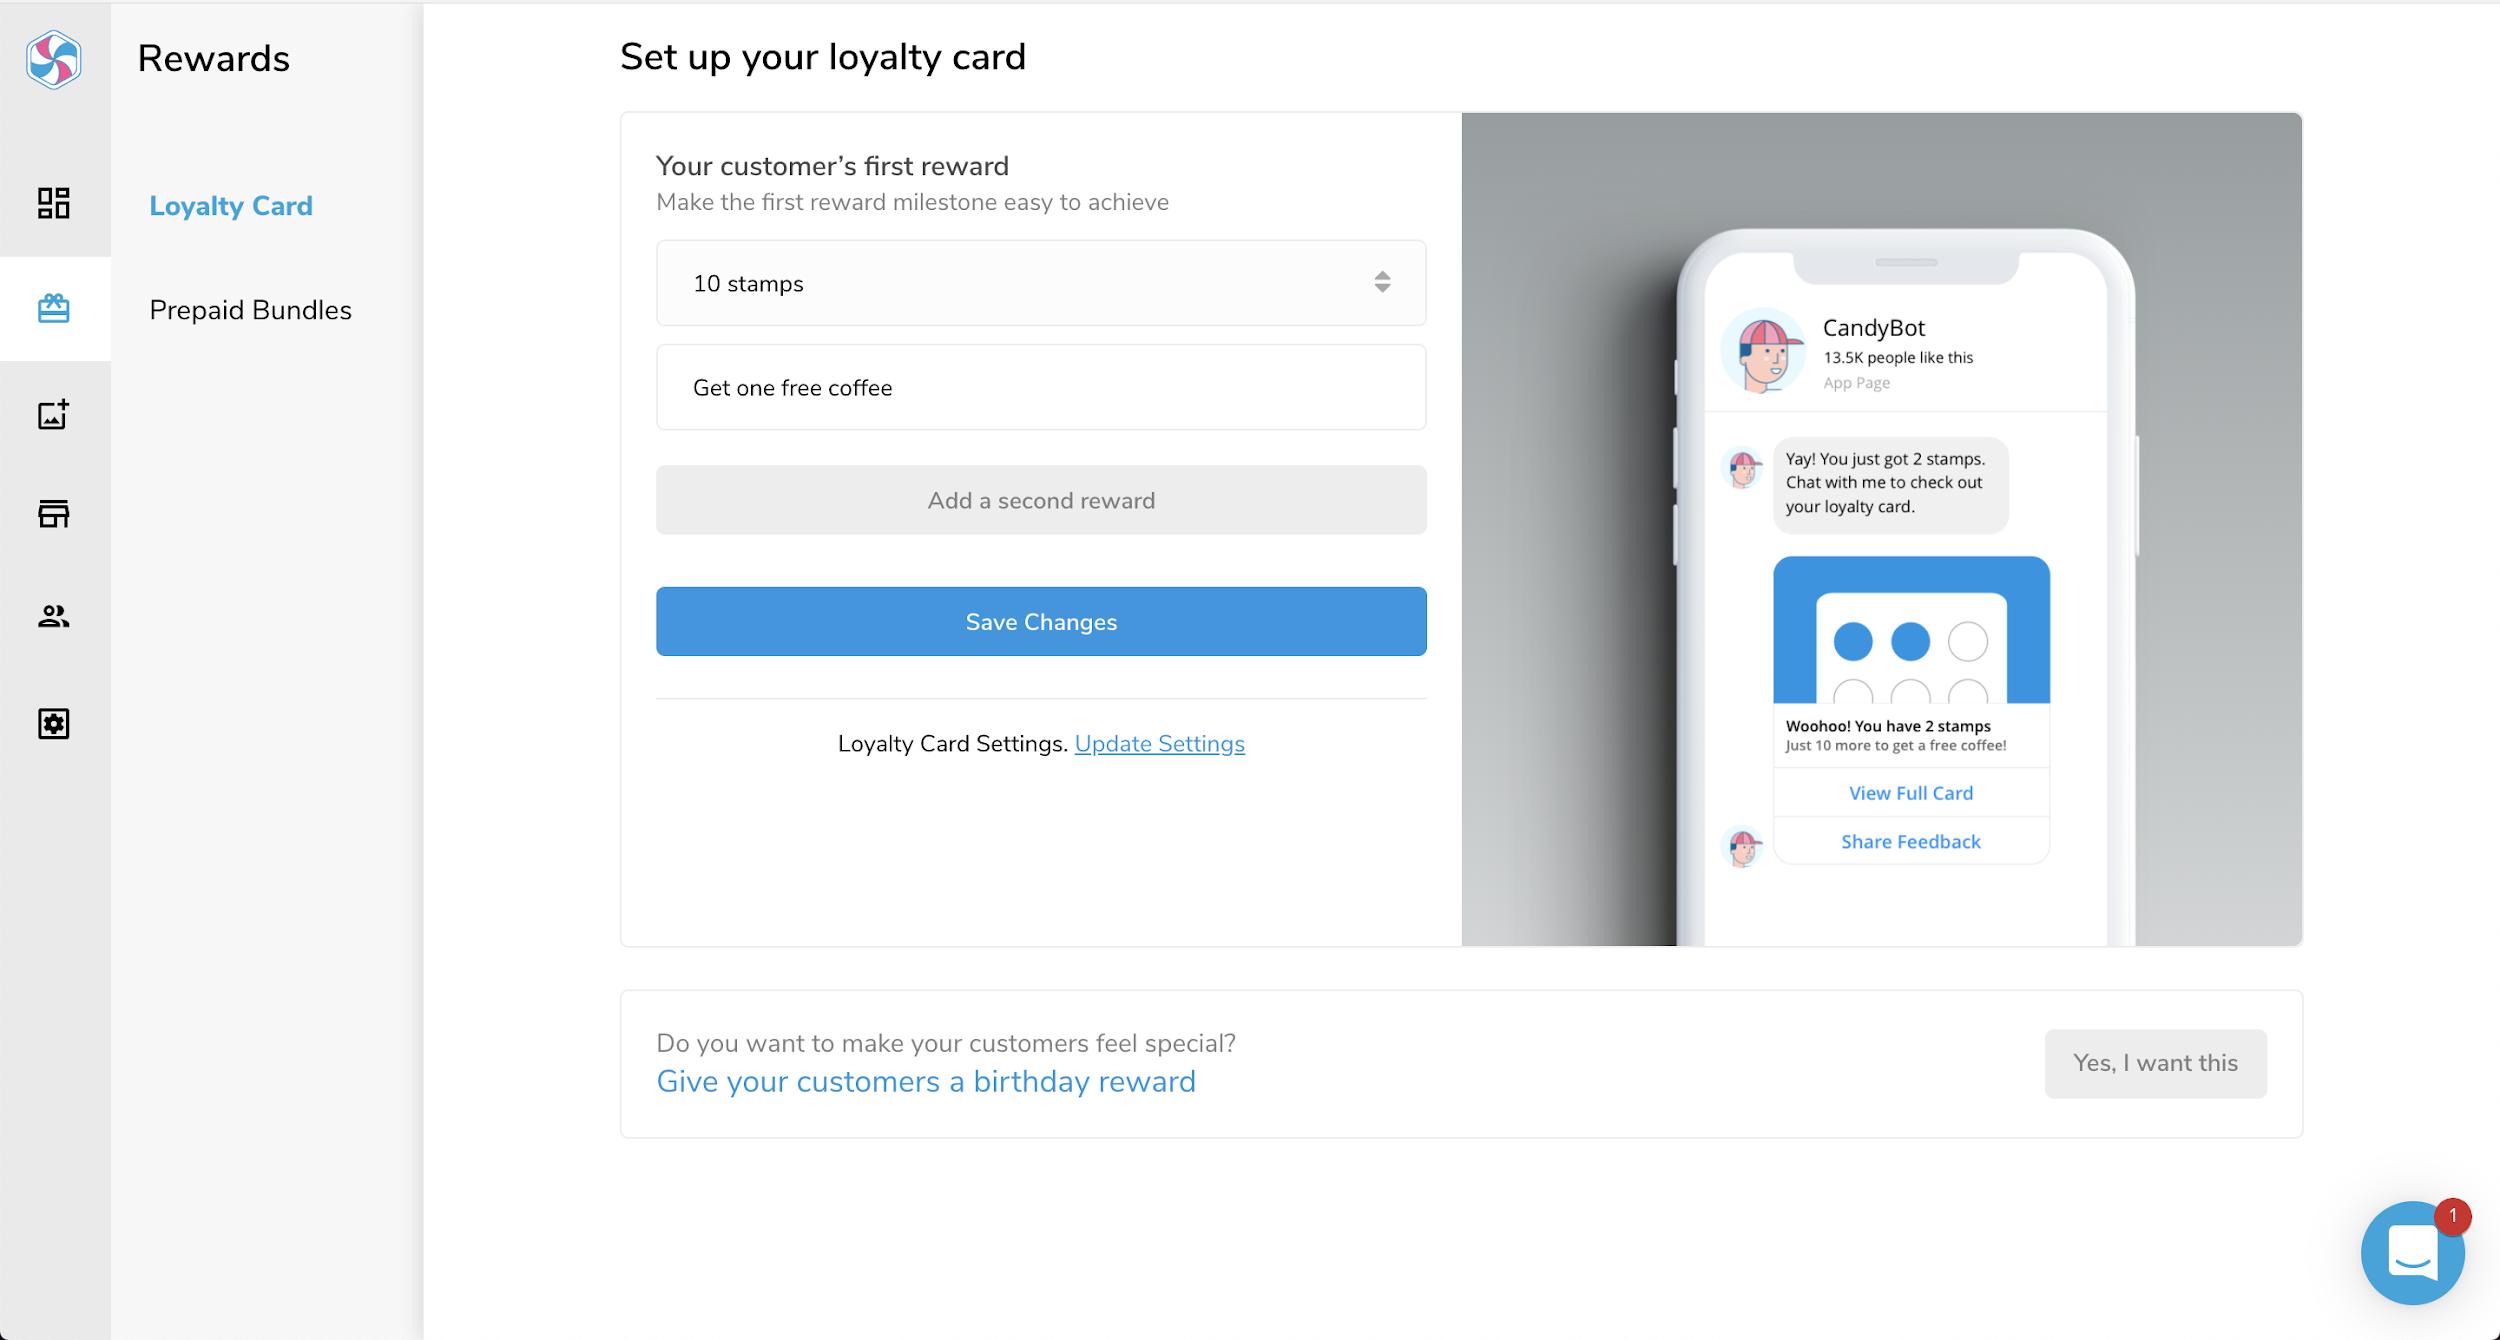 Creating a customer reward in CandyBar